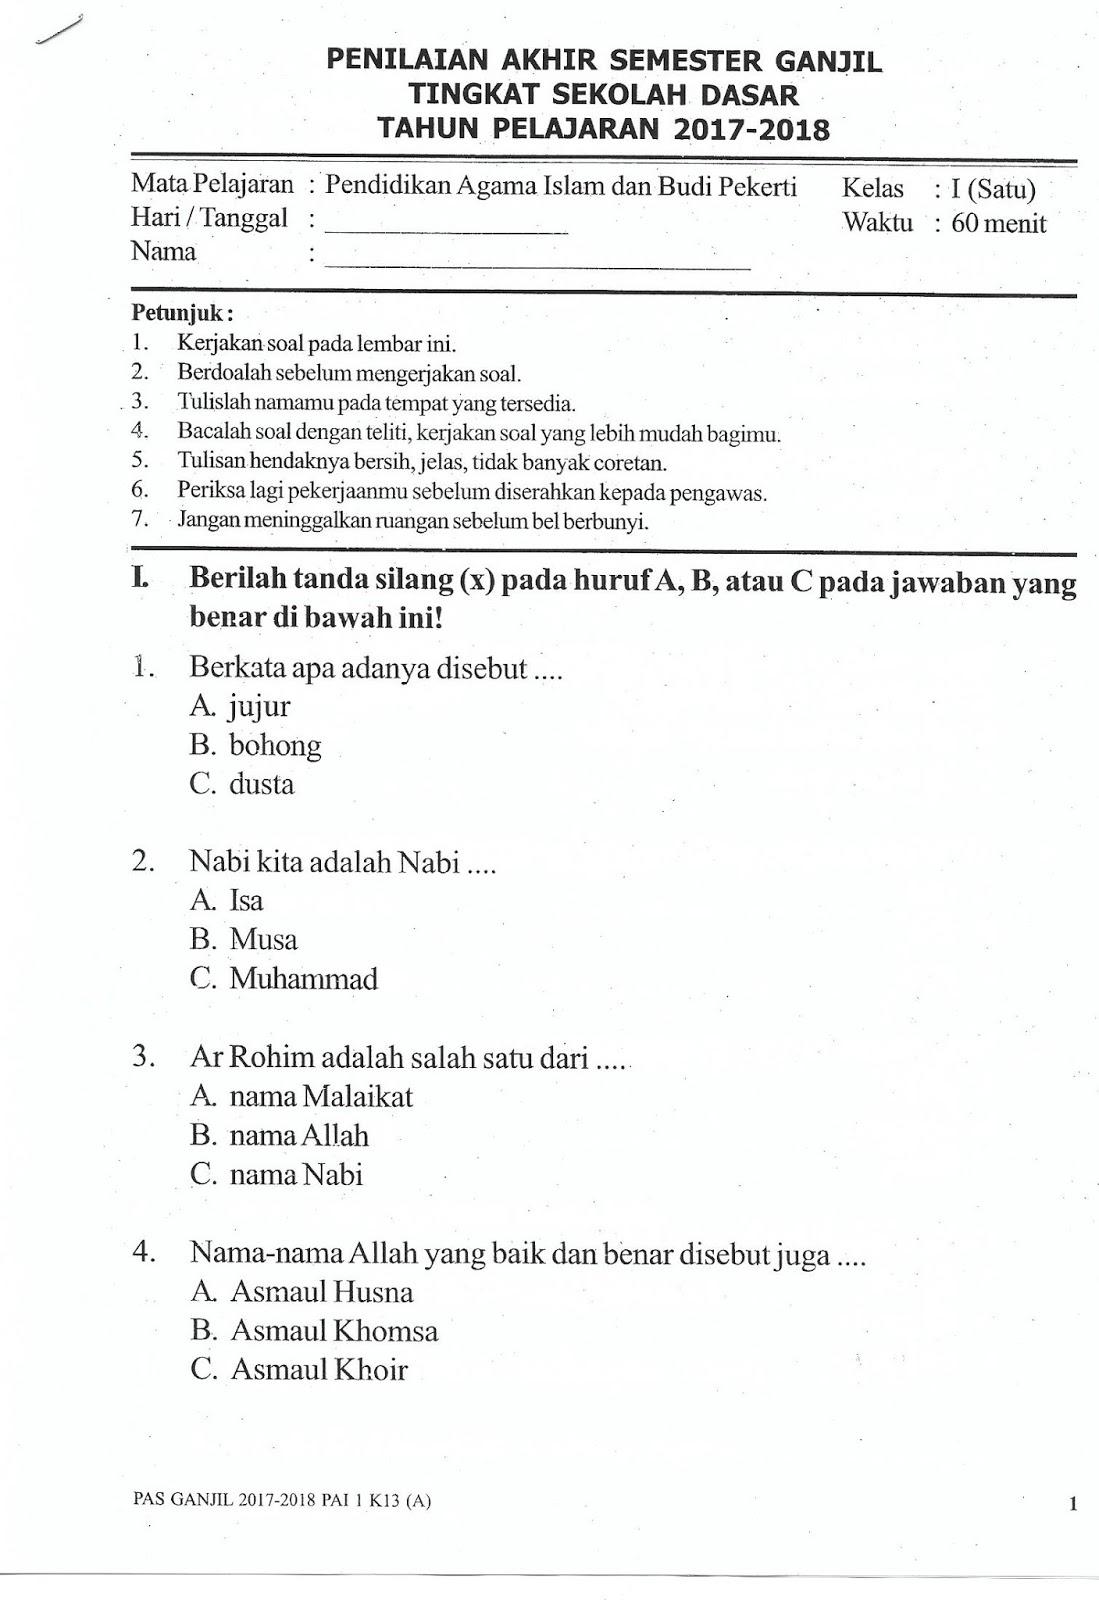 Soal Uas Ganjil Agama Islam Kelas 1 Sd Tahun 2017 Bse